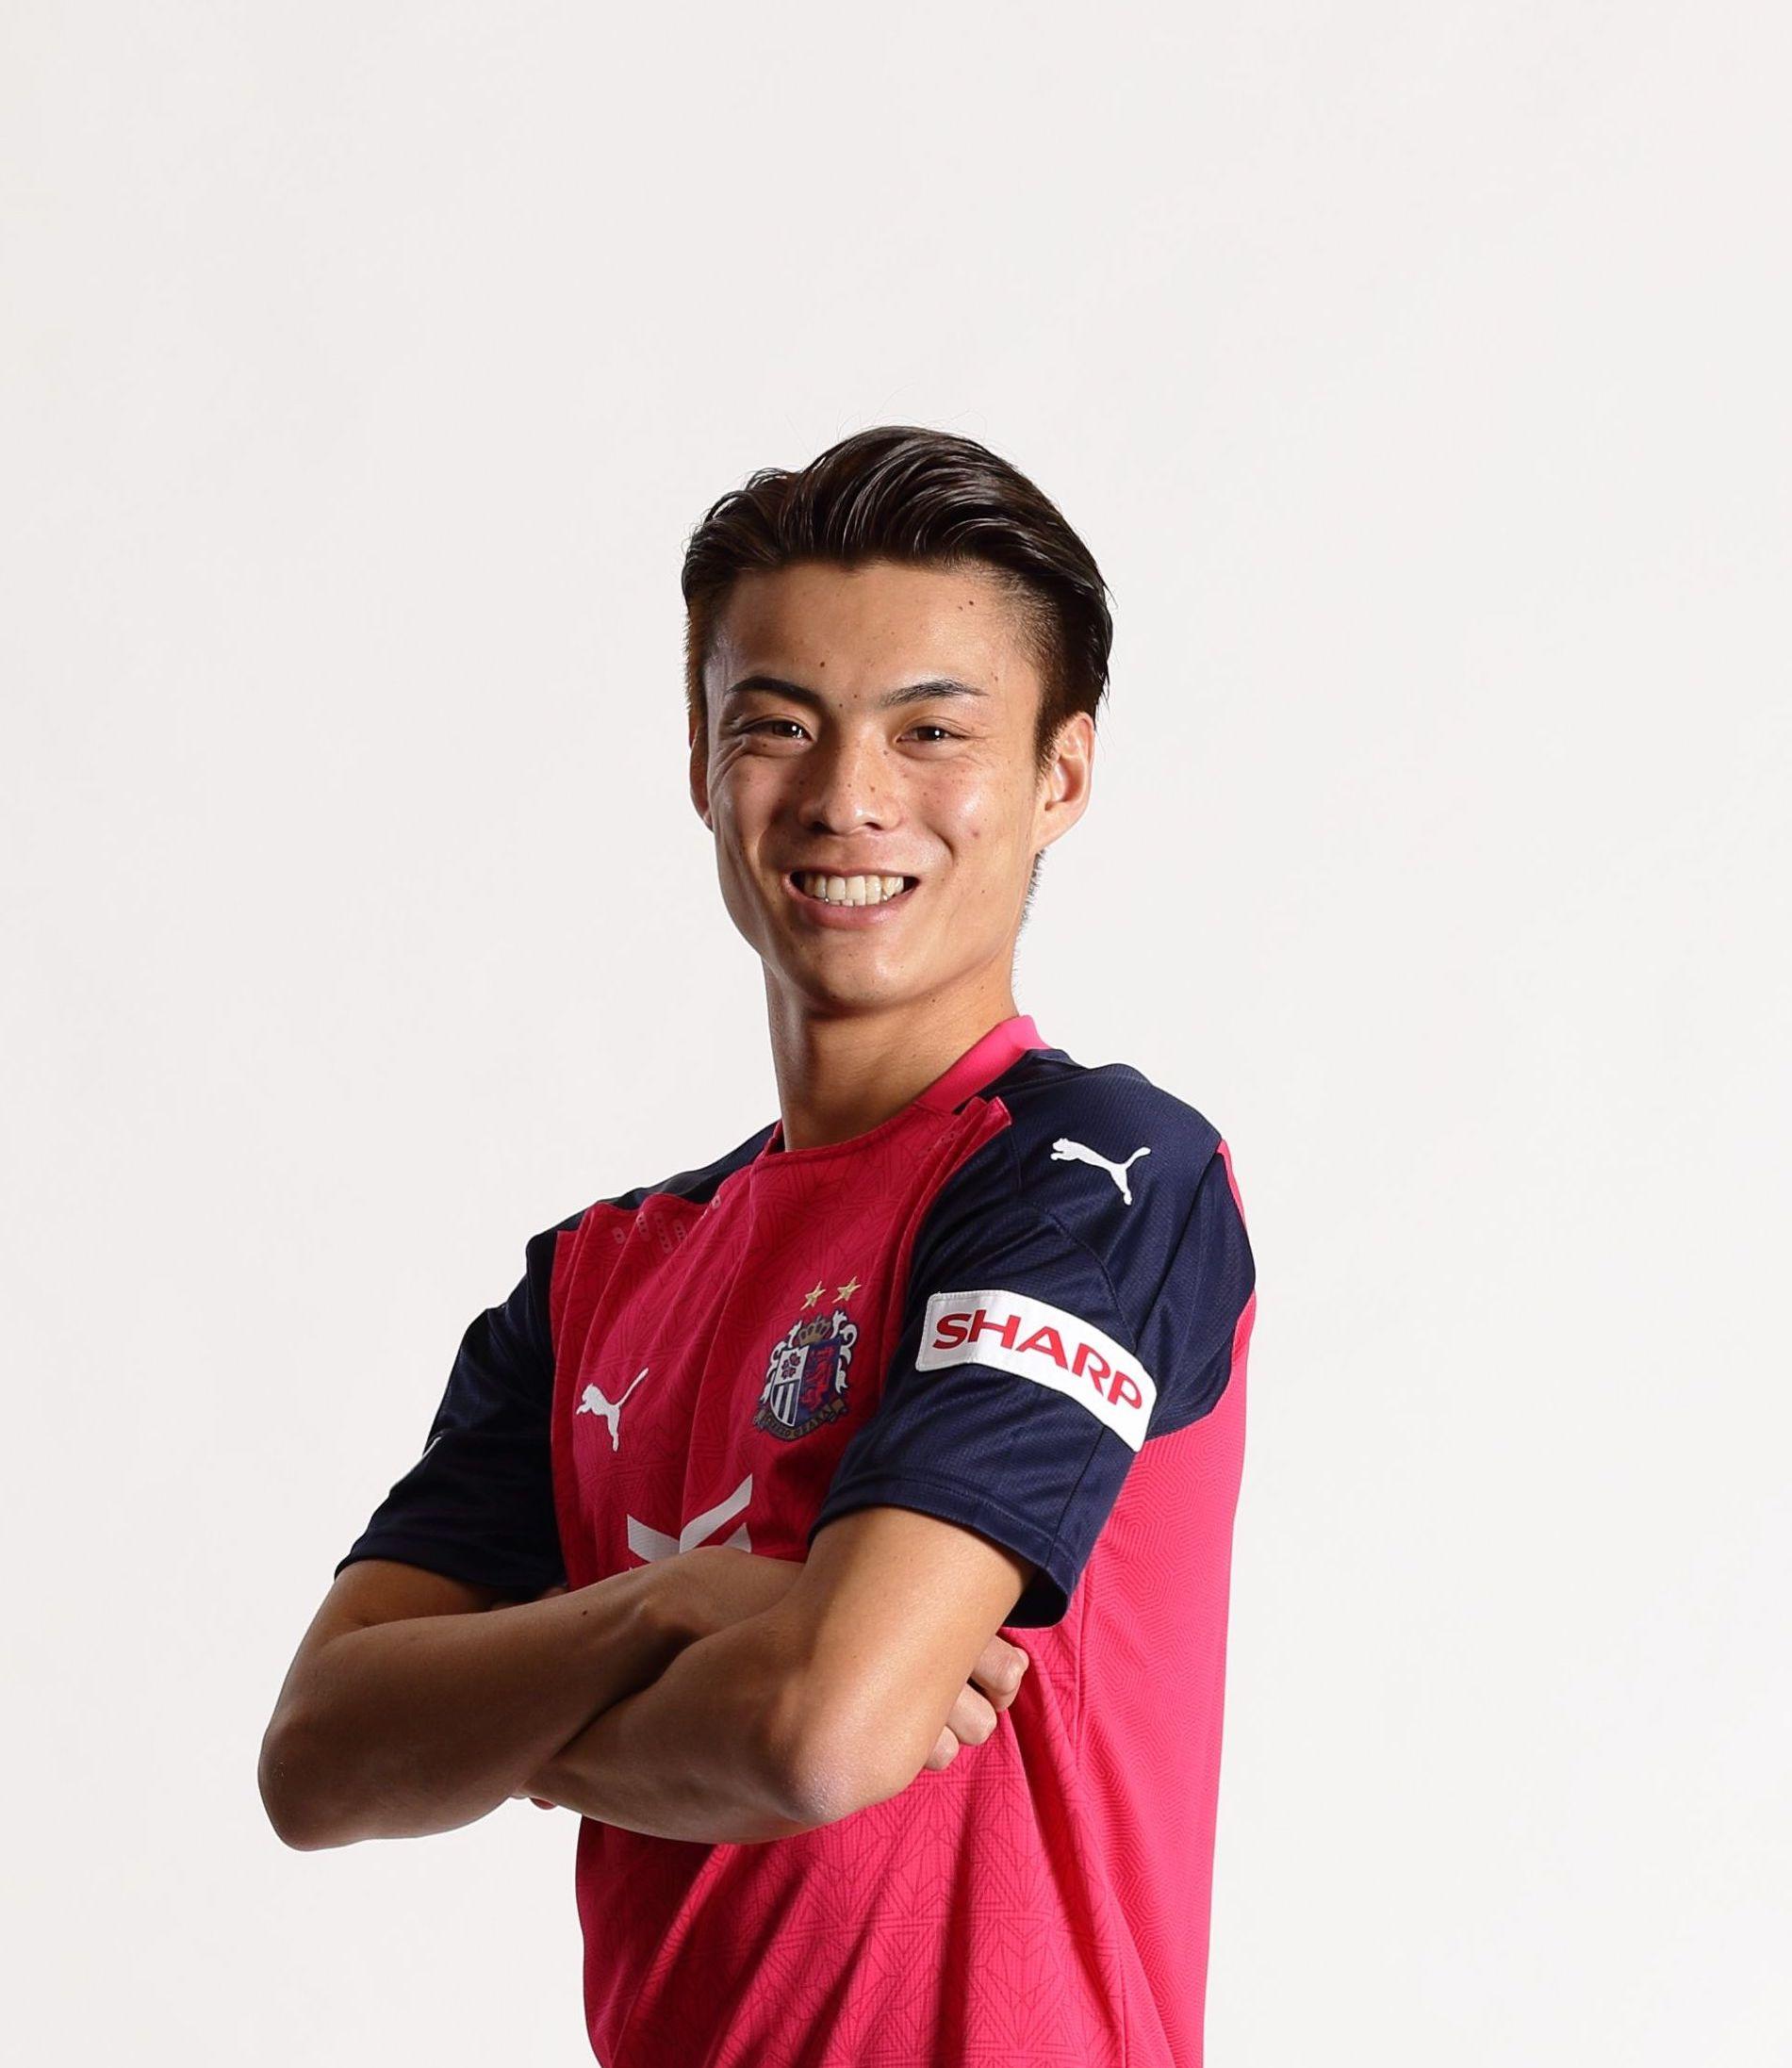 【本人直筆サイン入り公式】セレッソ大阪2020限定ユニフォーム 39 庄司朋乃也 選手